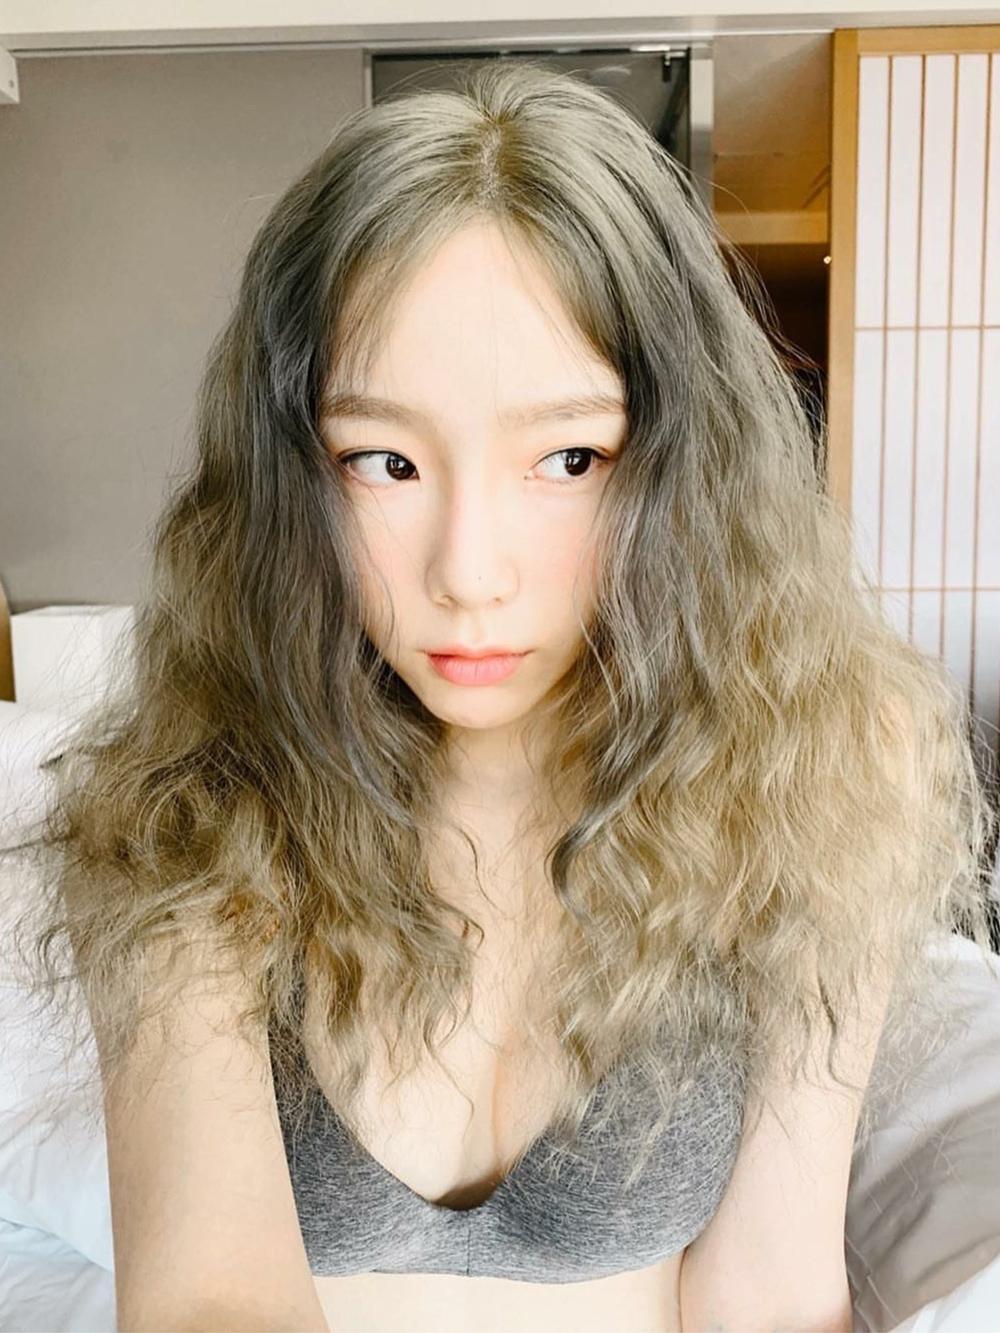 Kiểu tóc xoăn sóng nhỏ cũng rất hợp với gương mặt hack tuổi của nữ ca sĩ sinh năm 1989.